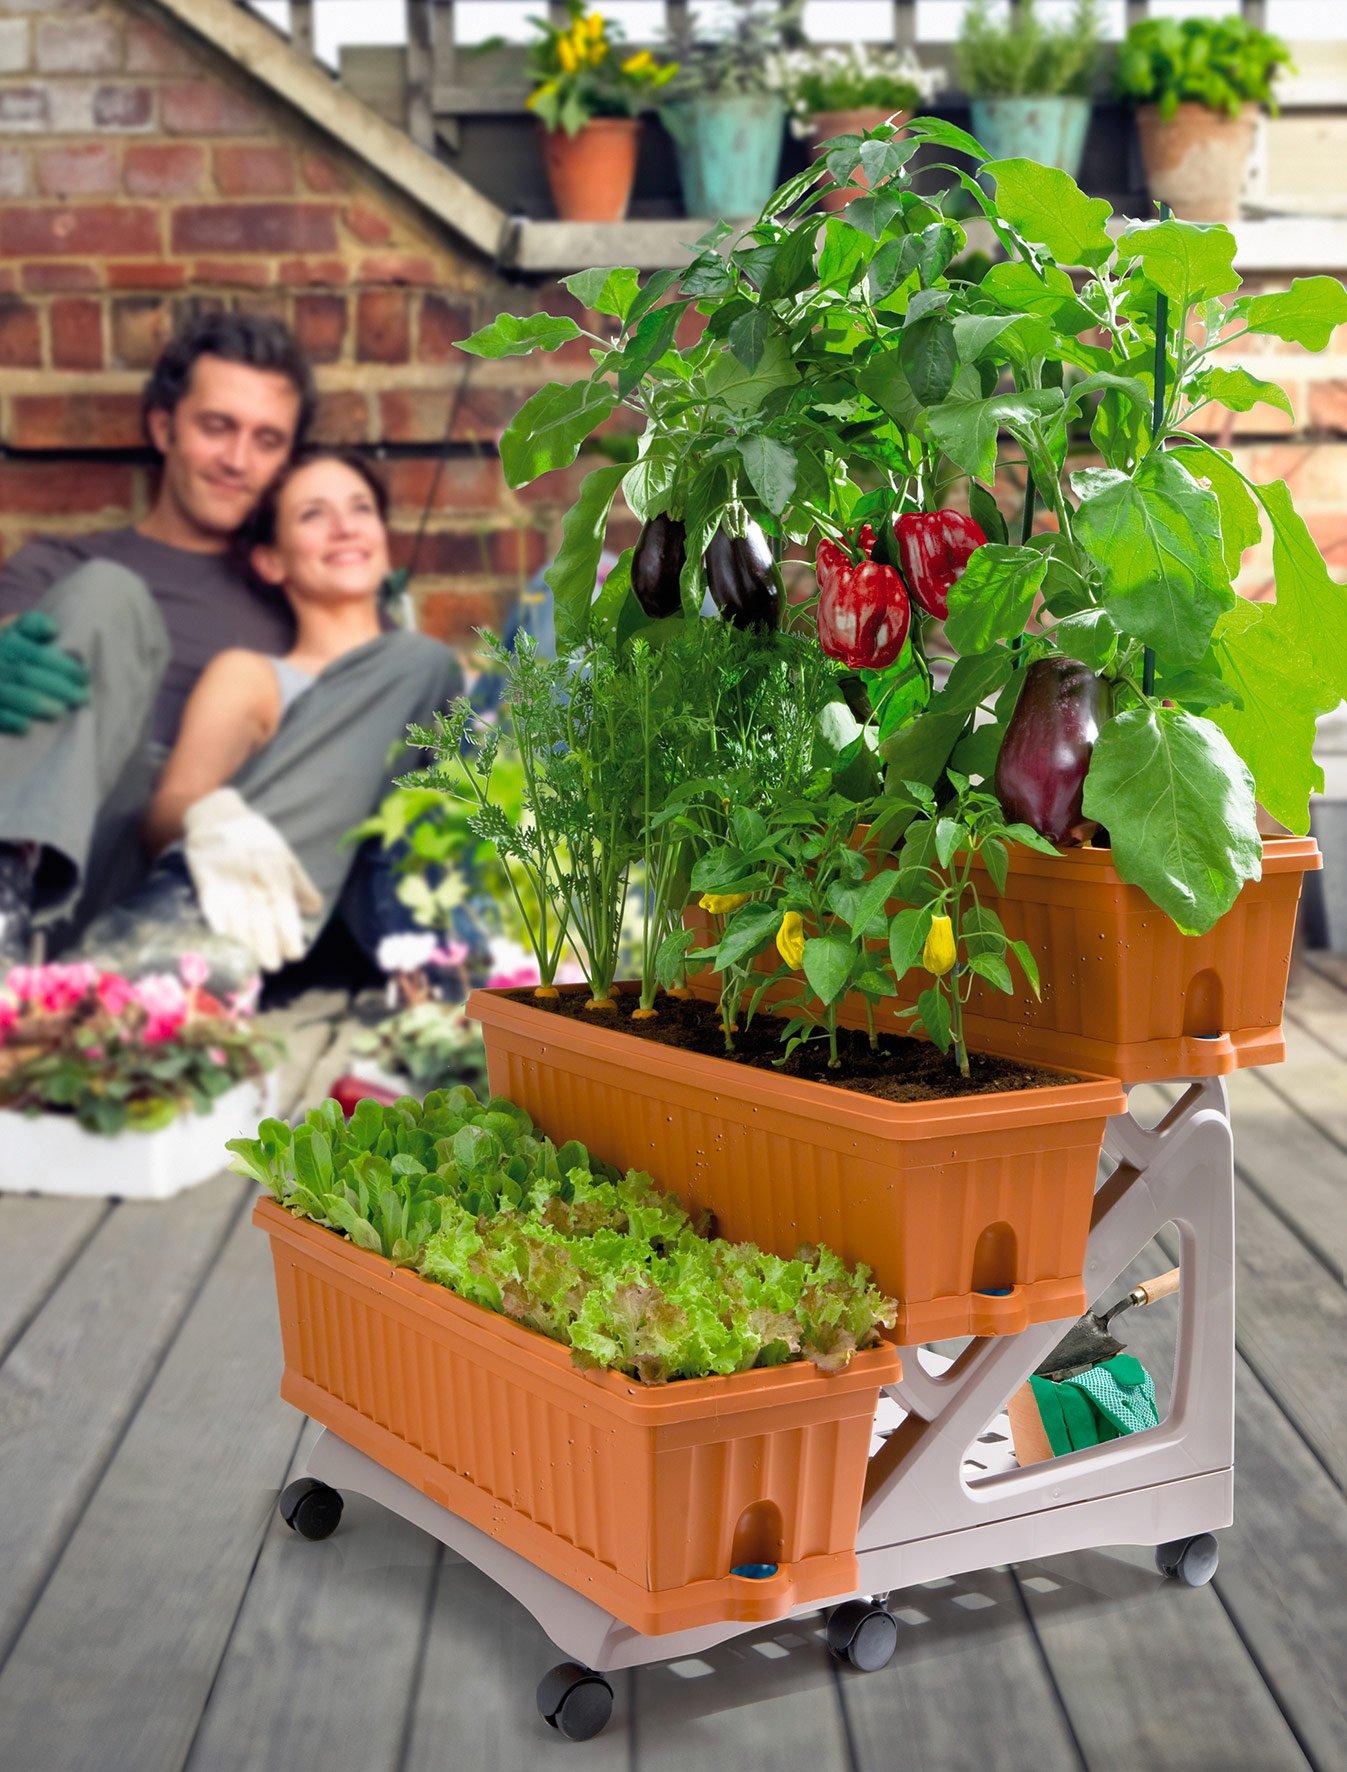 Vasi in verticale: soluzione salvaspazio per l'orto sul ...